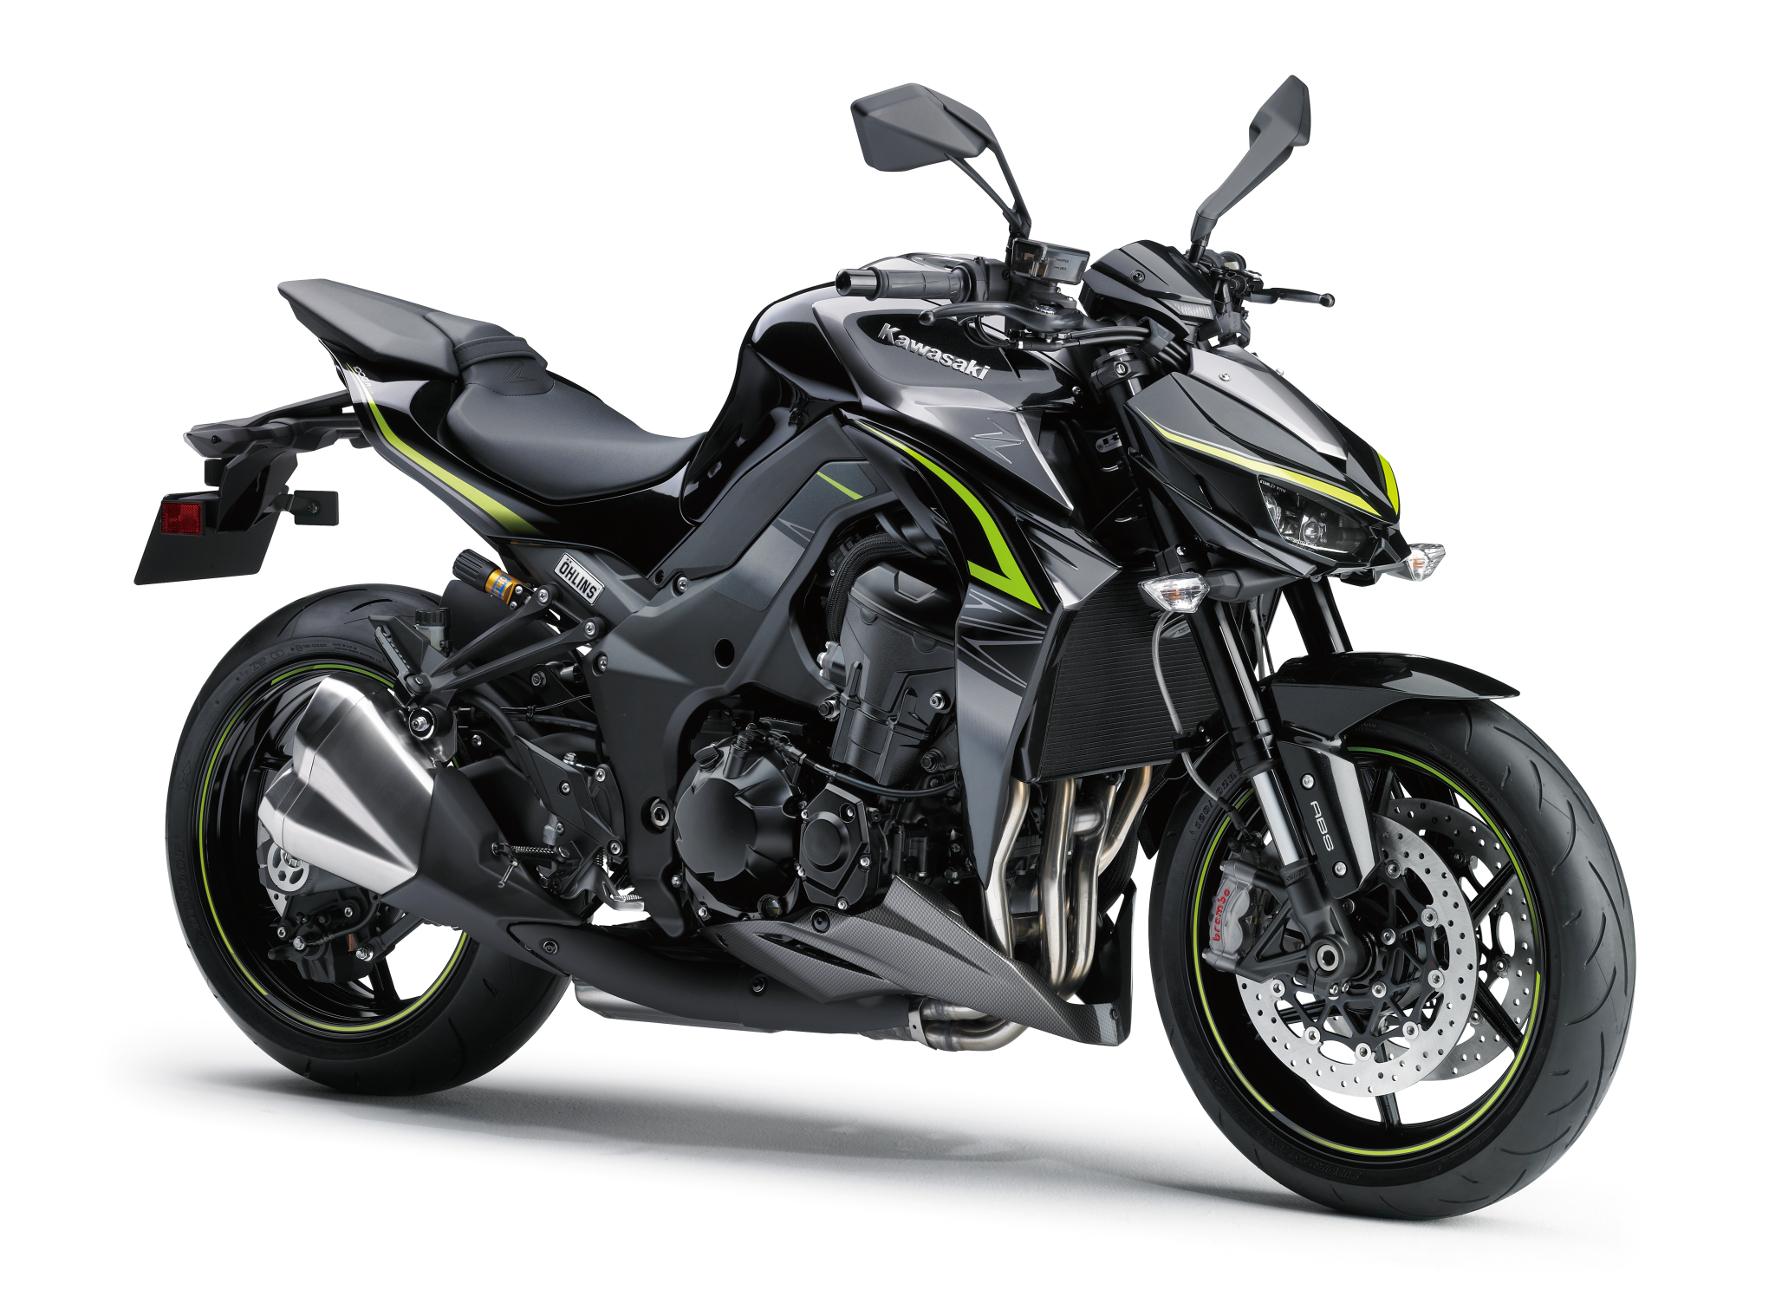 mid Groß-Gerau - Ziemlich nackt und mit bösem Blick: Die Kawasaki Z1000 als aufgewertete R Edition.